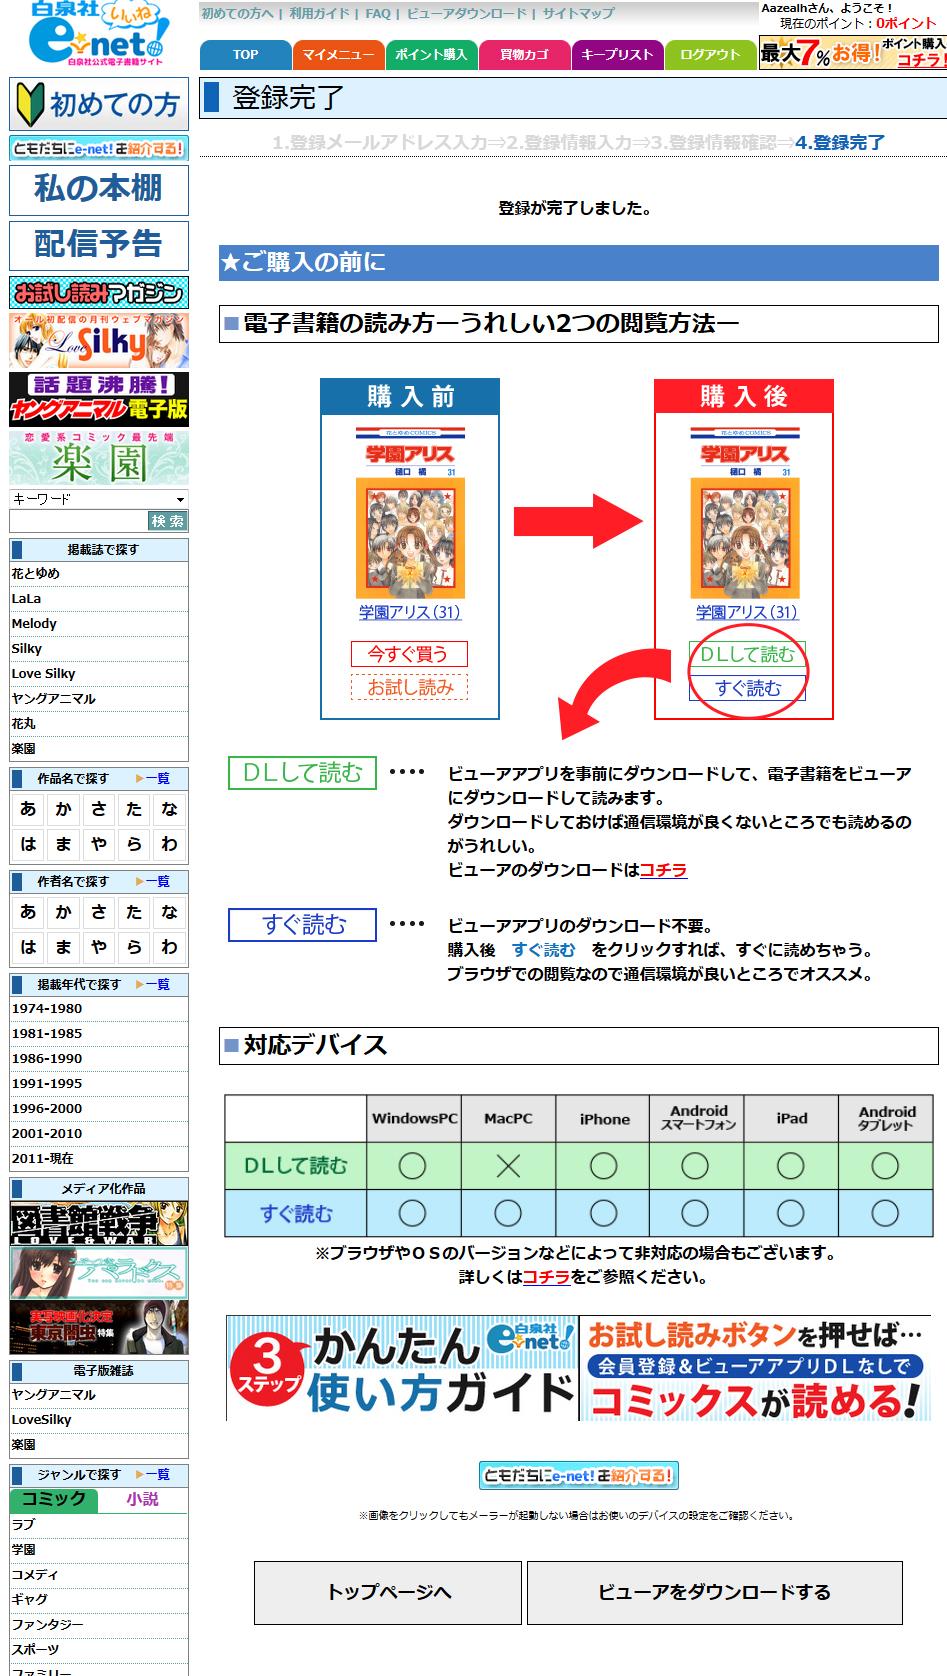 Registration07.jpg